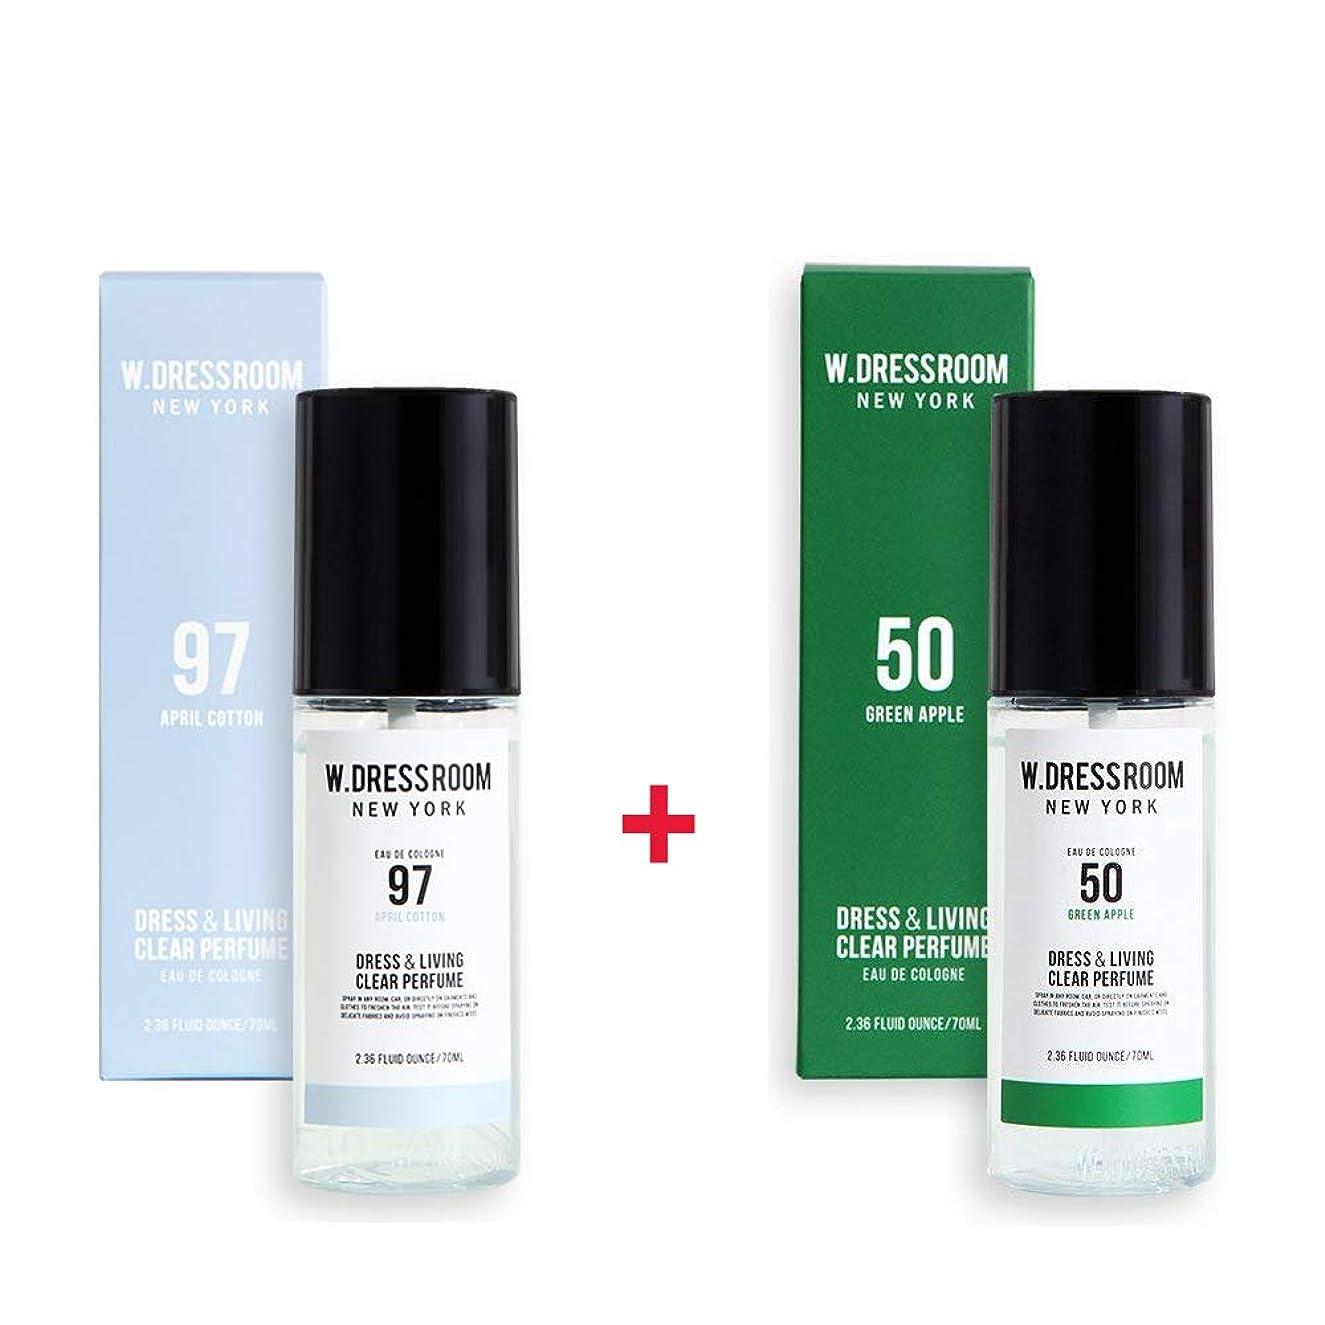 衛星鳥石鹸W.DRESSROOM Dress & Living Clear Perfume 70ml (No 97 April Cotton)+(No 50 Green Apple)